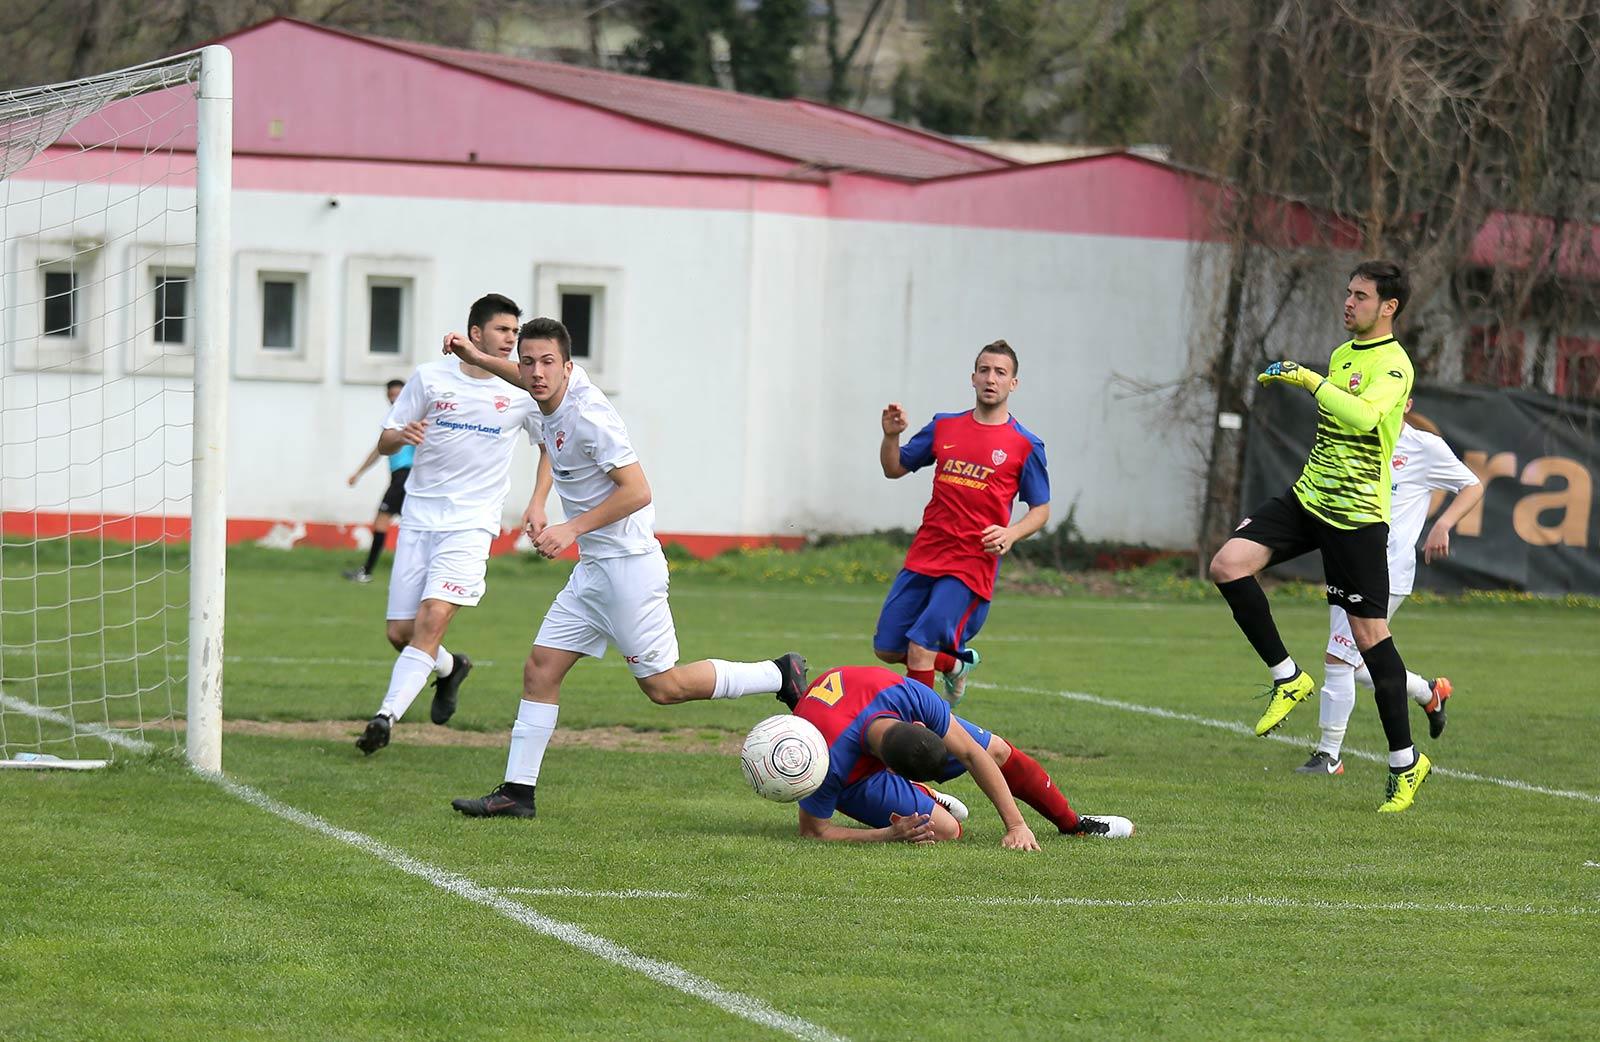 Meciul dintre ACS FC Dinamo și AFC Asalt s-a desfășurat pe un stadion neomologat